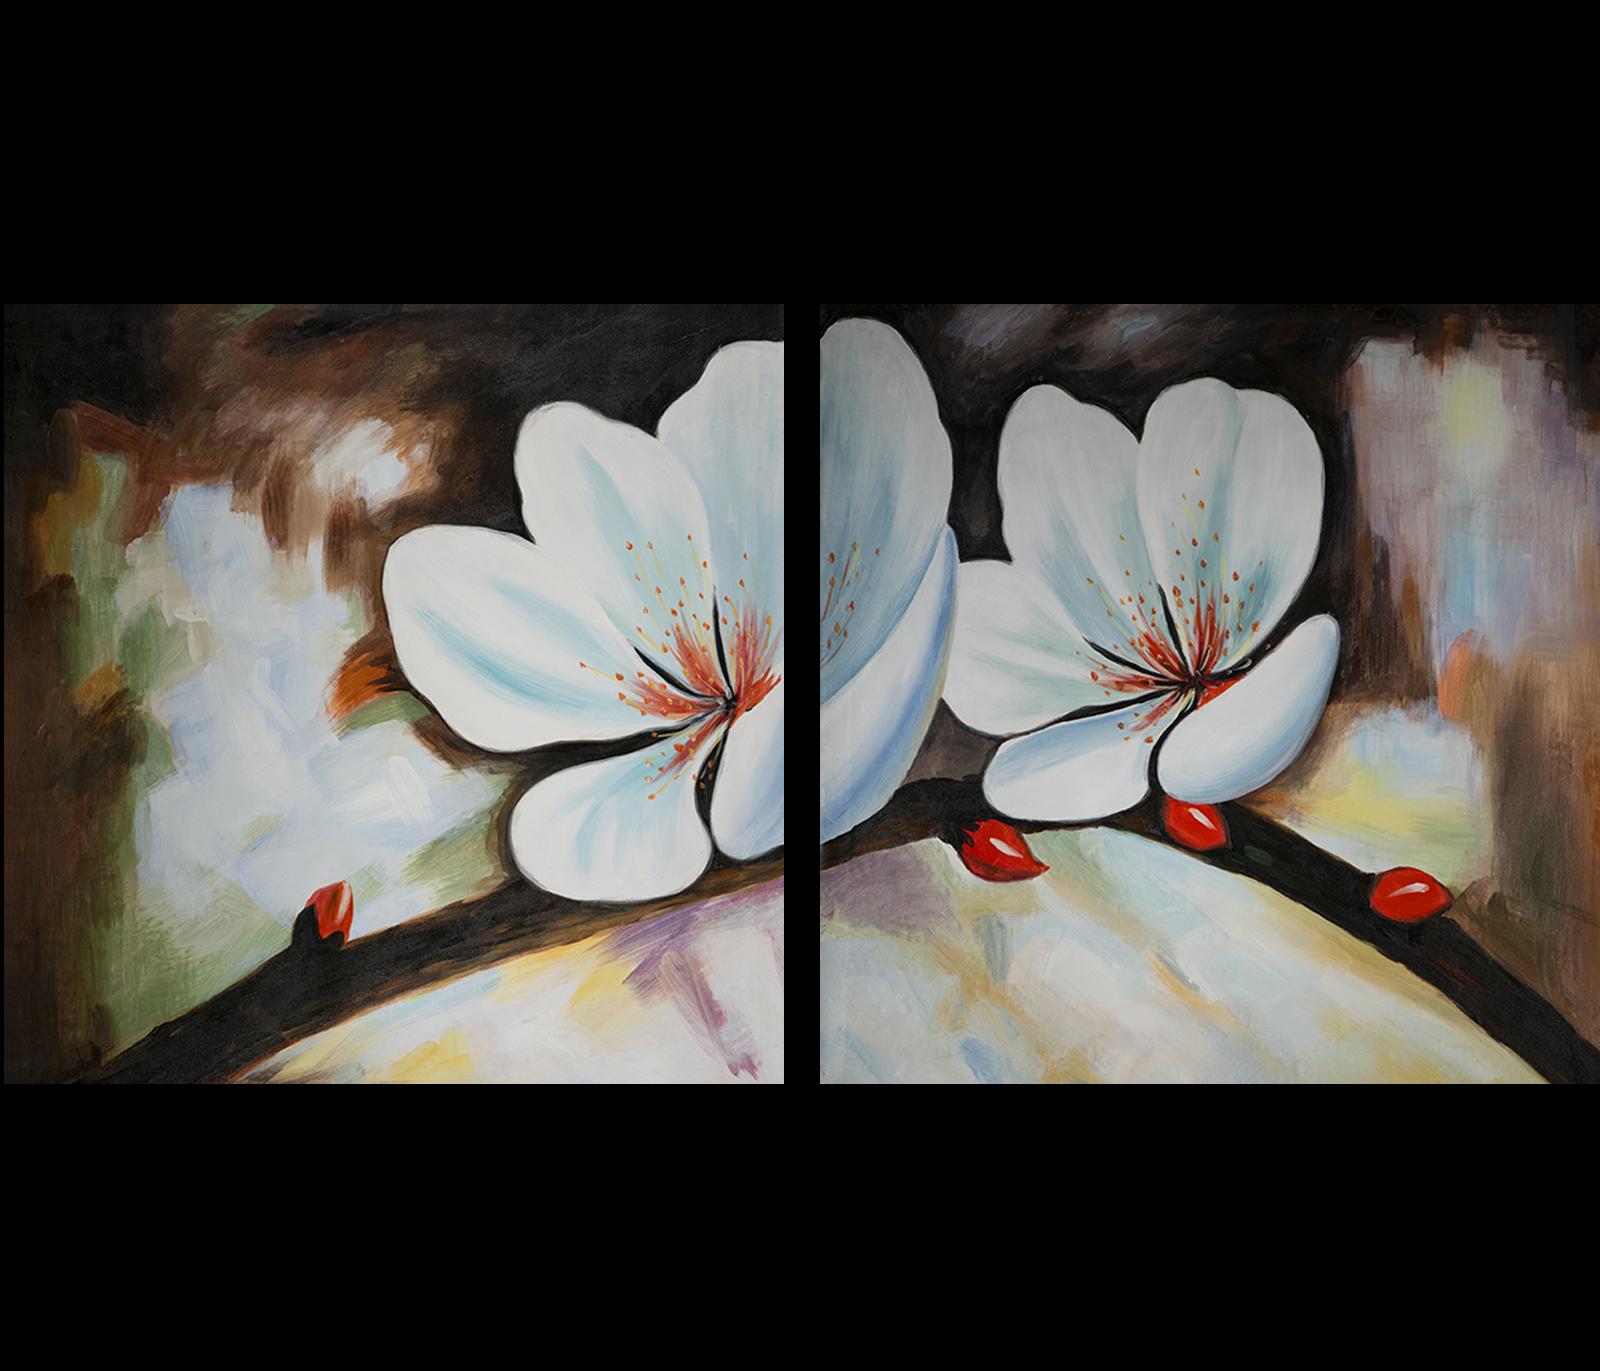 Luxurious Bathroom Wall Art Metal 66 Flower Wall Art Feng Shui Painting Flower Painting Wall Art art Modern Wall Art